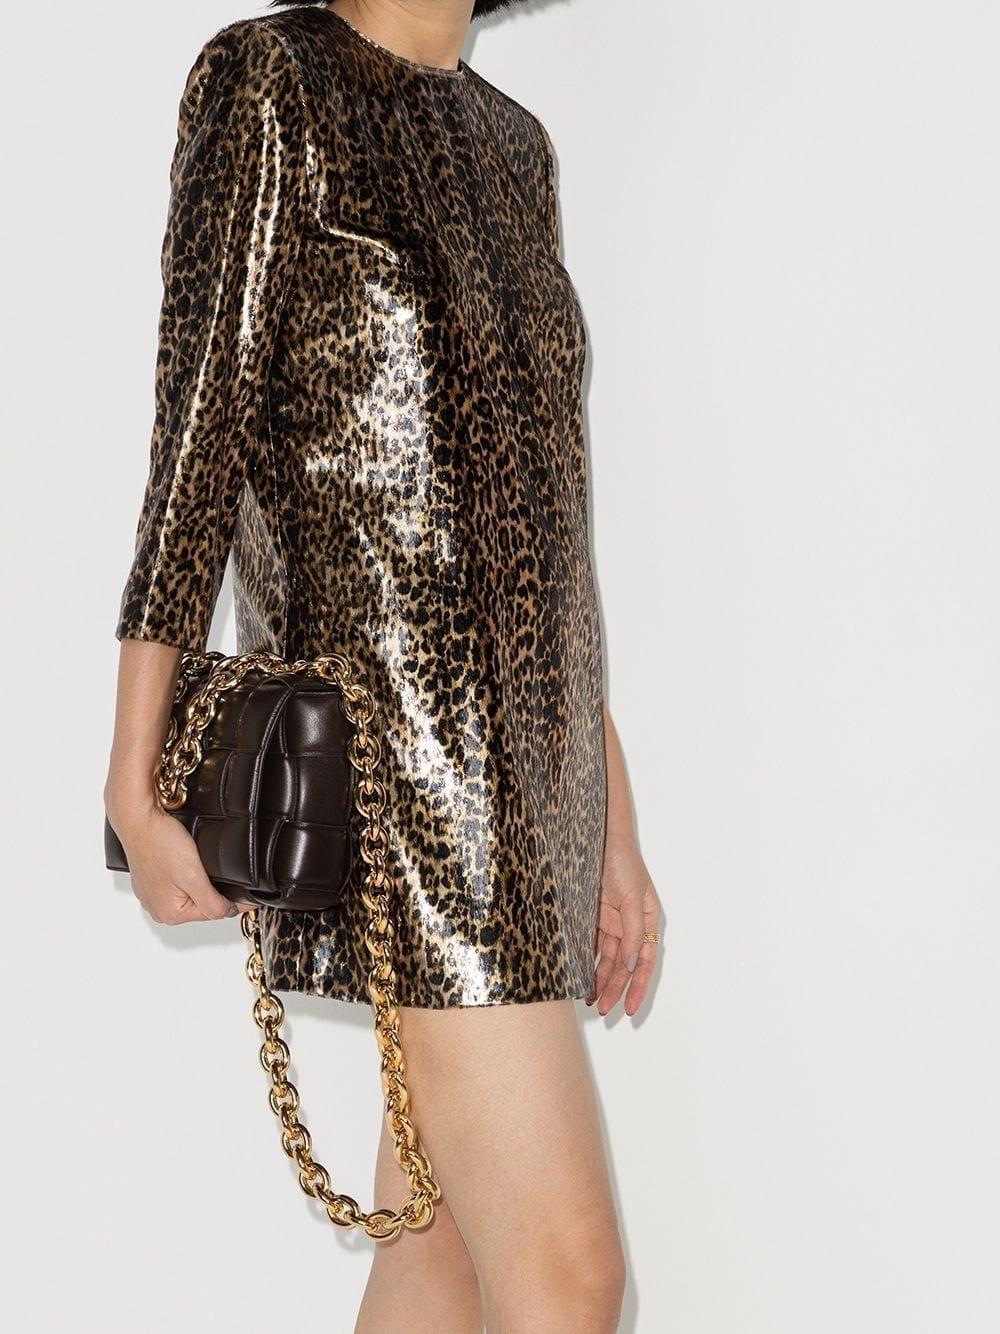 SAINT LAURENT Metallic Leopard-print Mini Dress